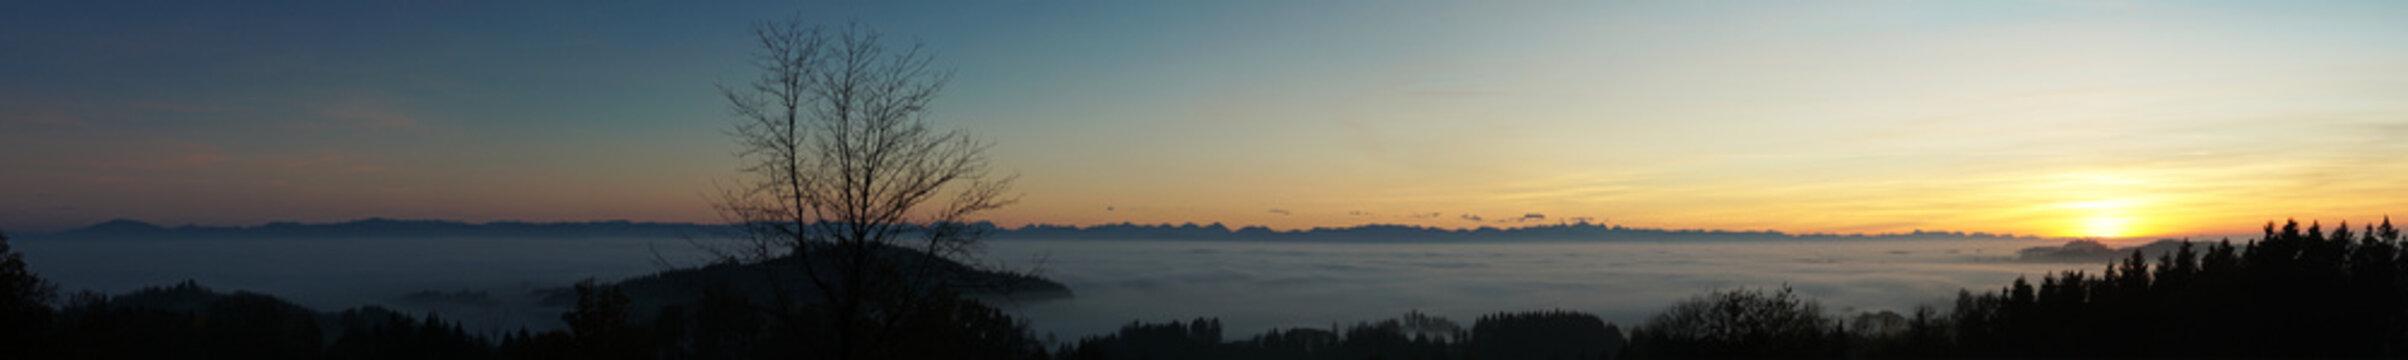 Nebel-Panorama